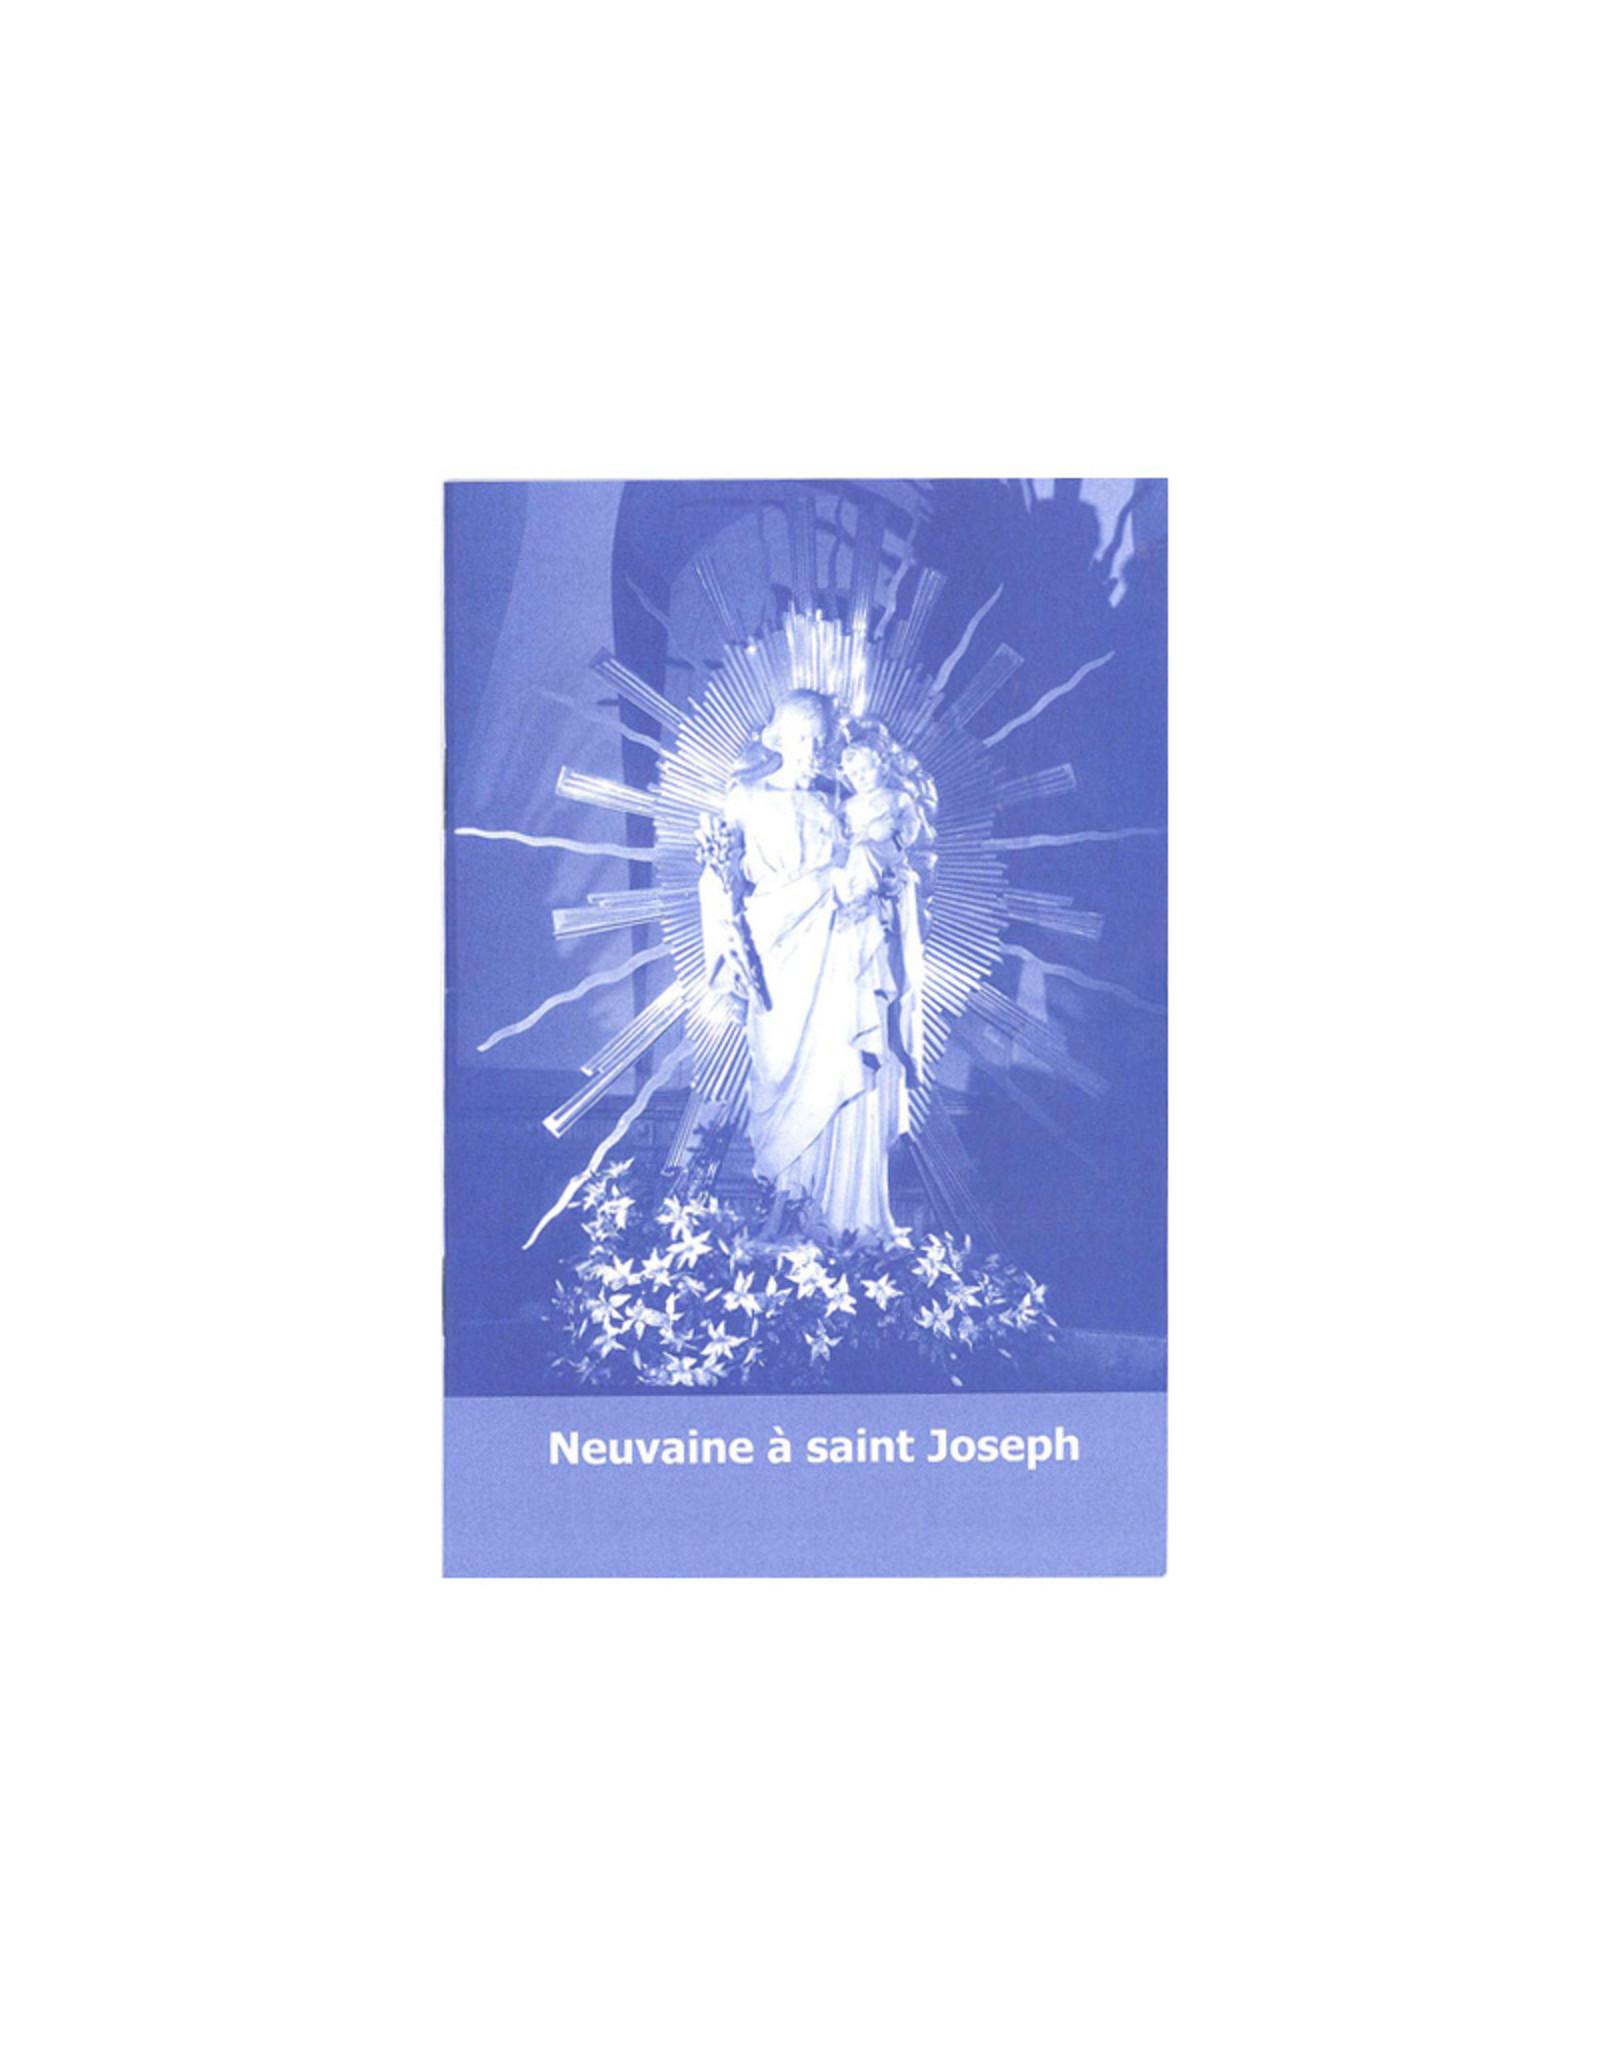 Neuvaine à saint Joseph - Nouvelle édition